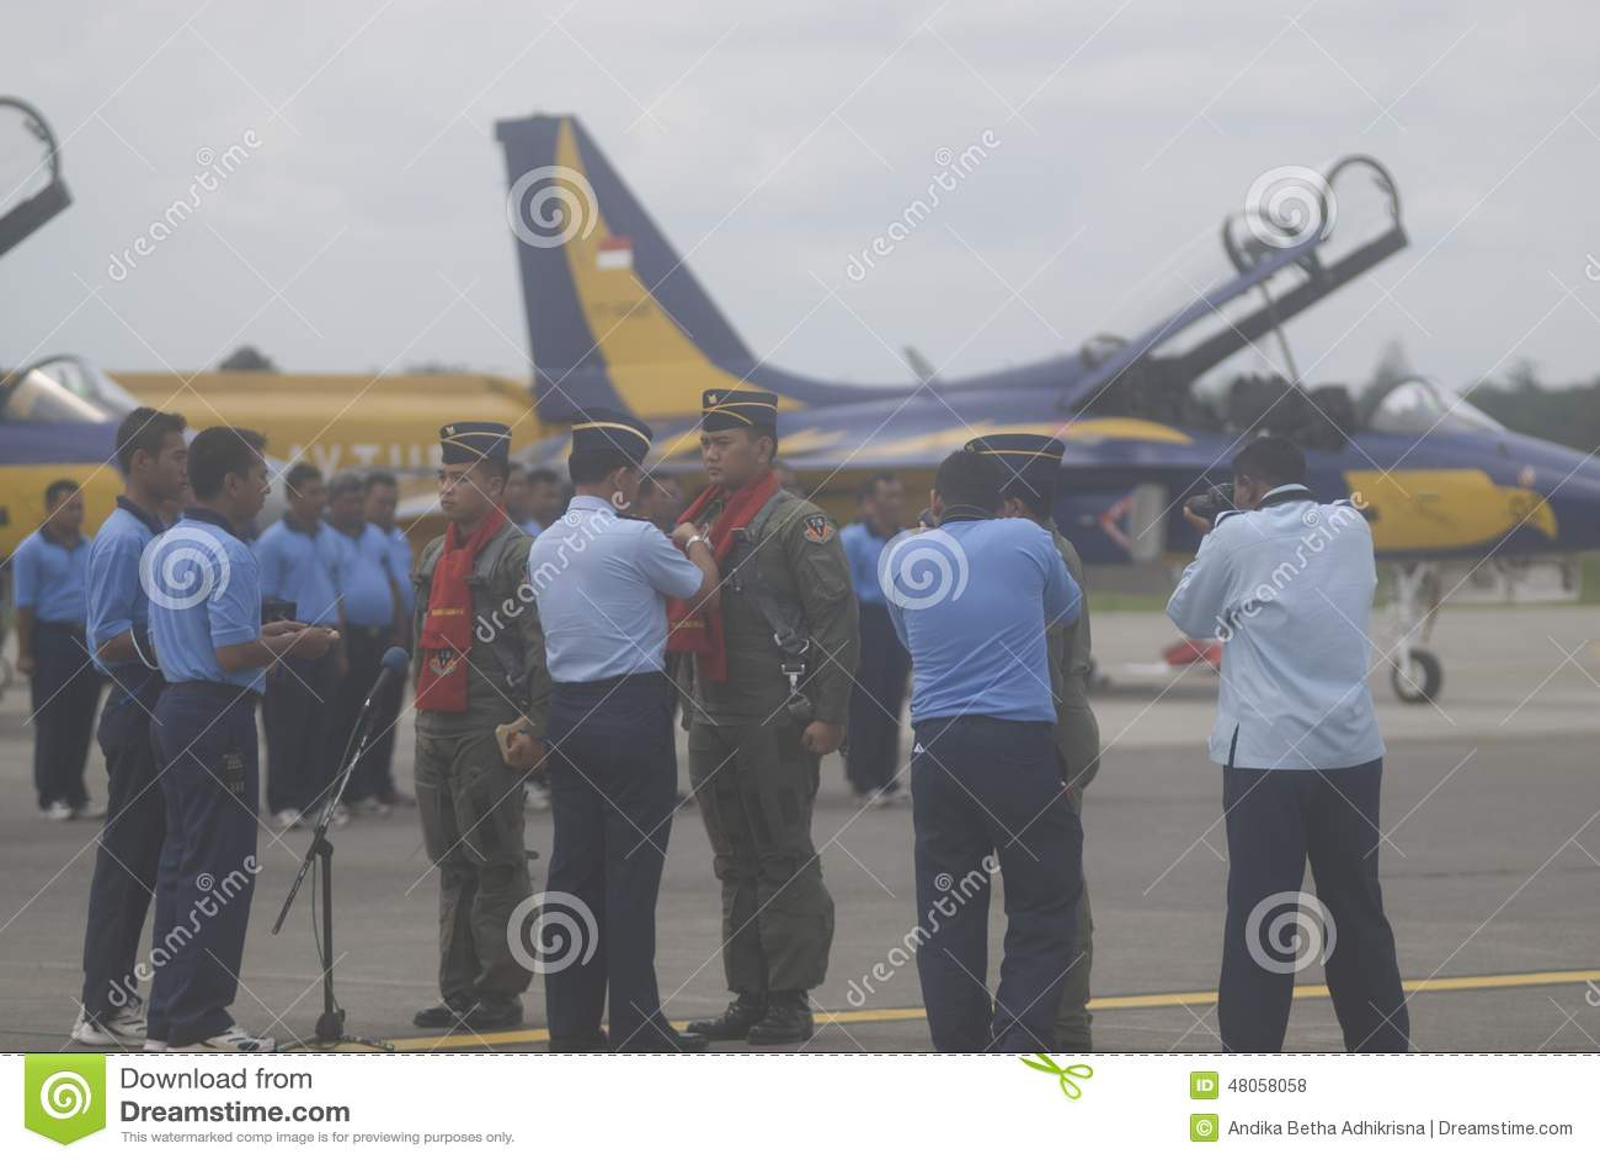 Авиакомпания беркут транс порт